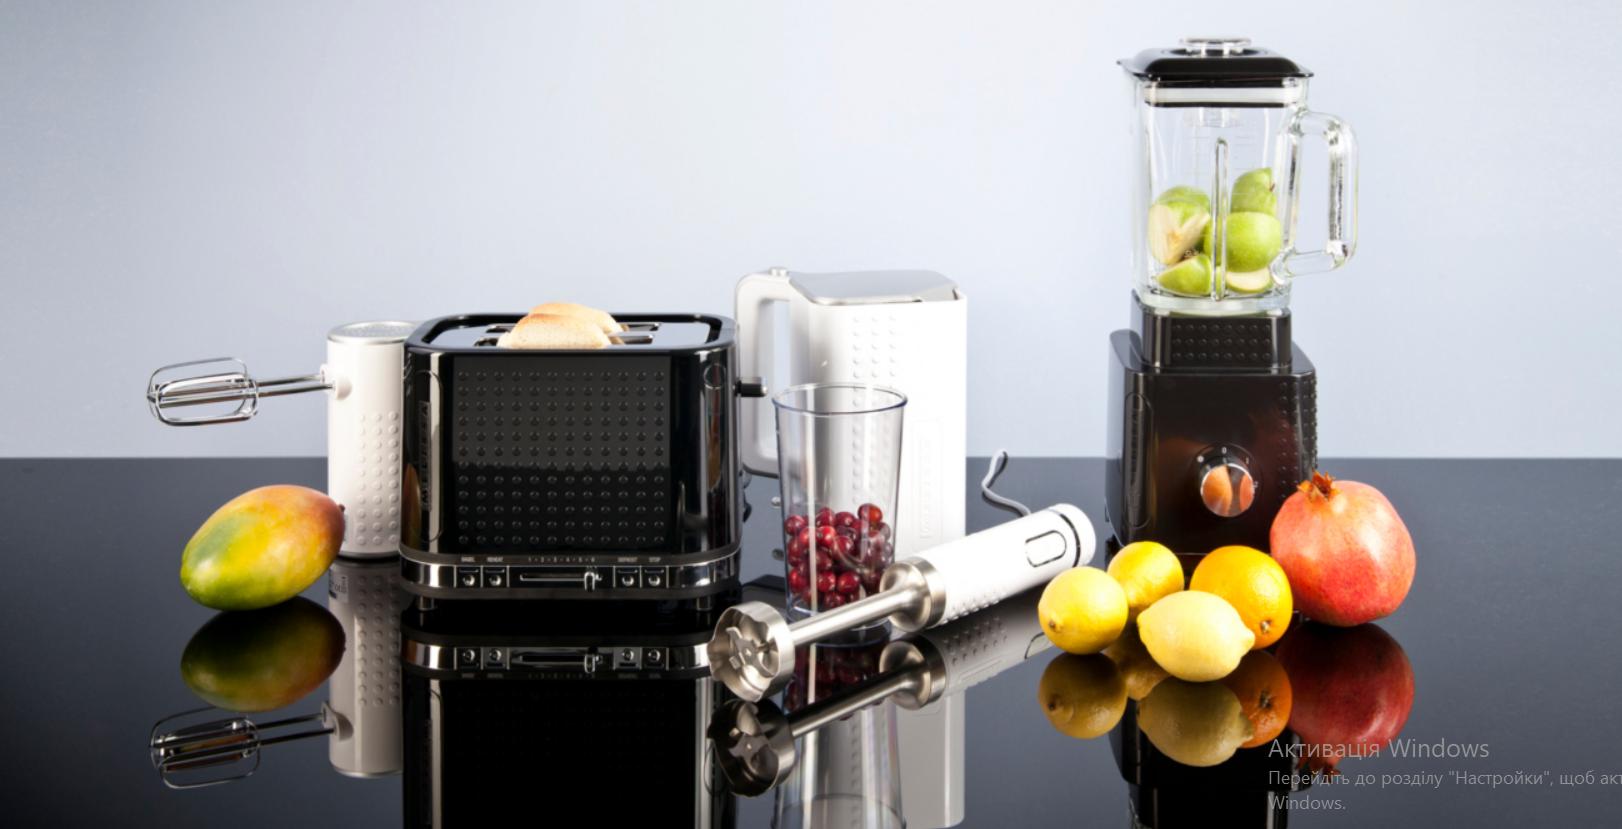 Обновление кухонной техники после ремонта: топ позиций